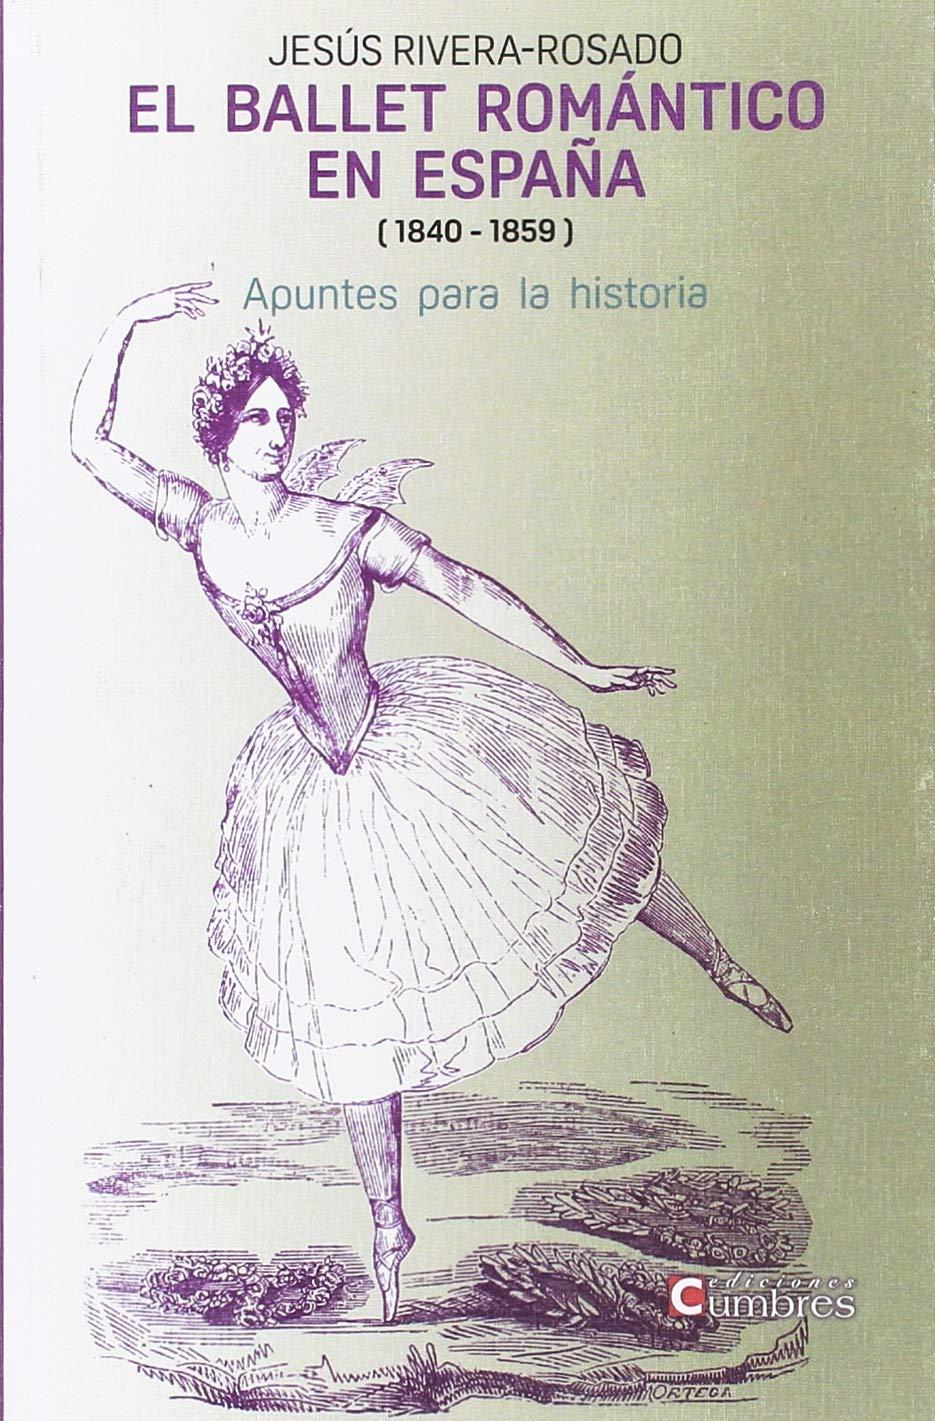 El ballet romántico en España: Apuntes para la historia: Amazon.es: Rivera-Rosado, Jesœús: Libros